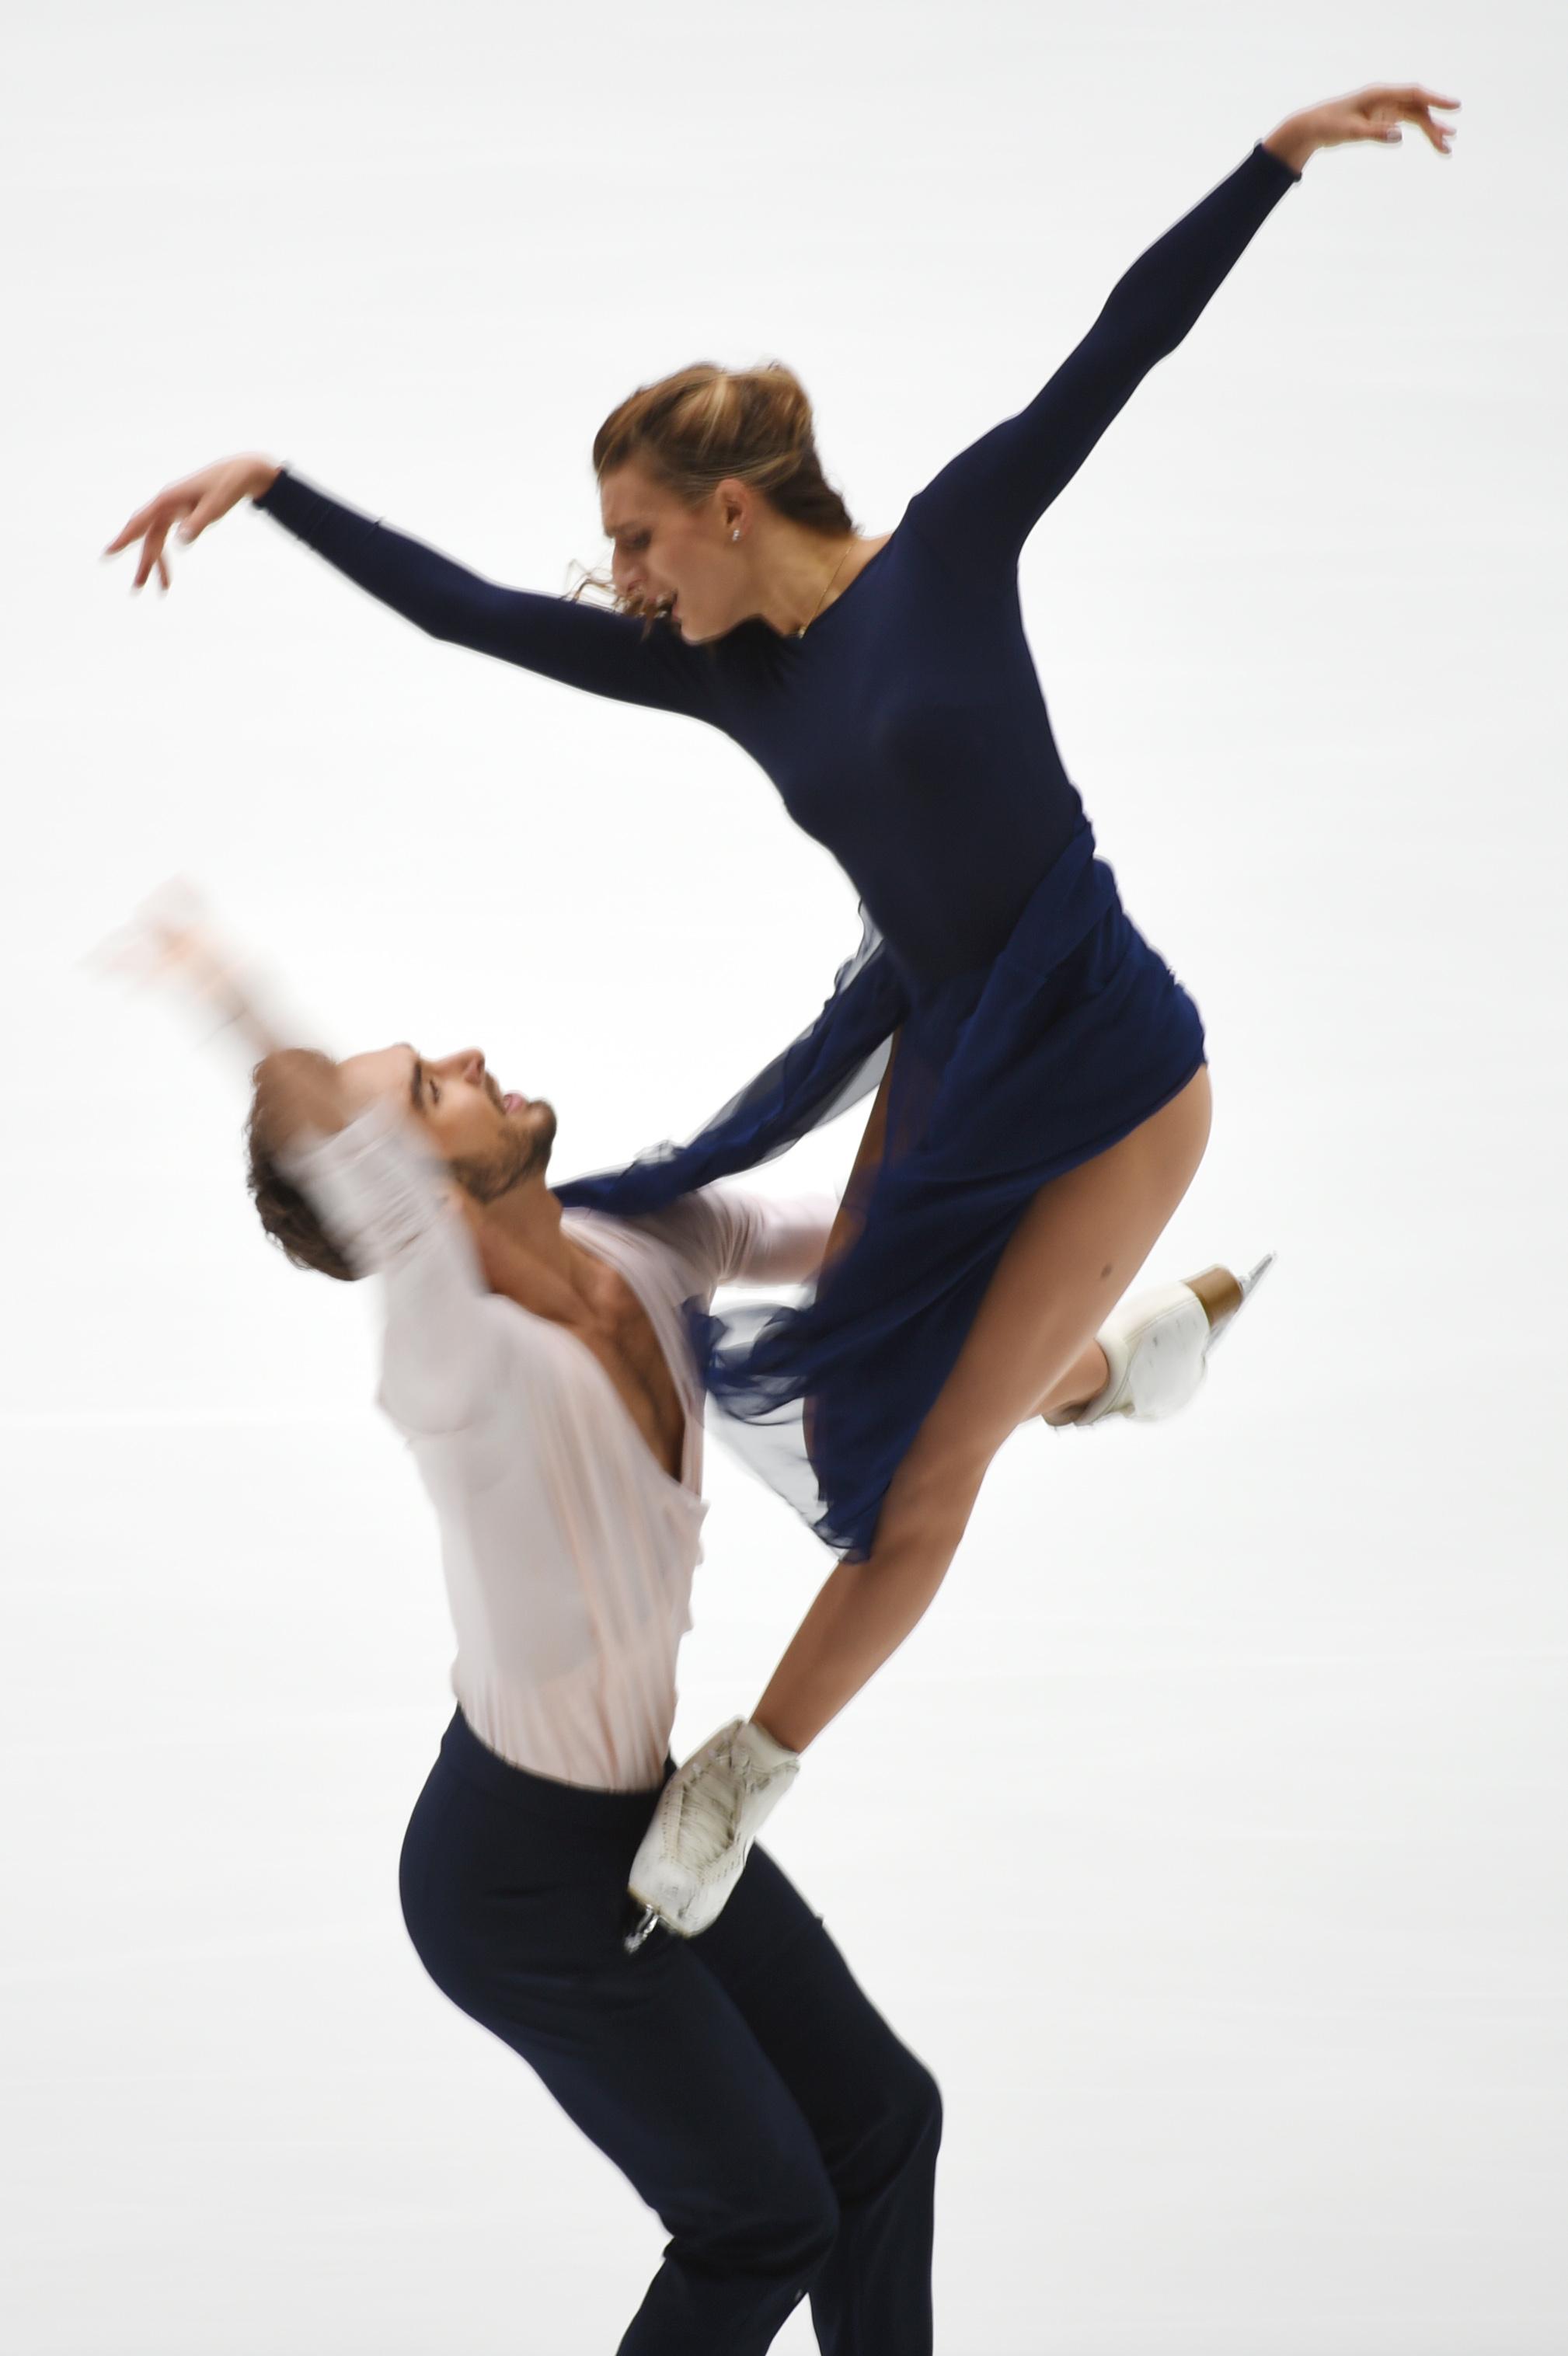 花样滑冰——中国杯:法国组合帕帕扎基斯/西泽龙获冰舞冠